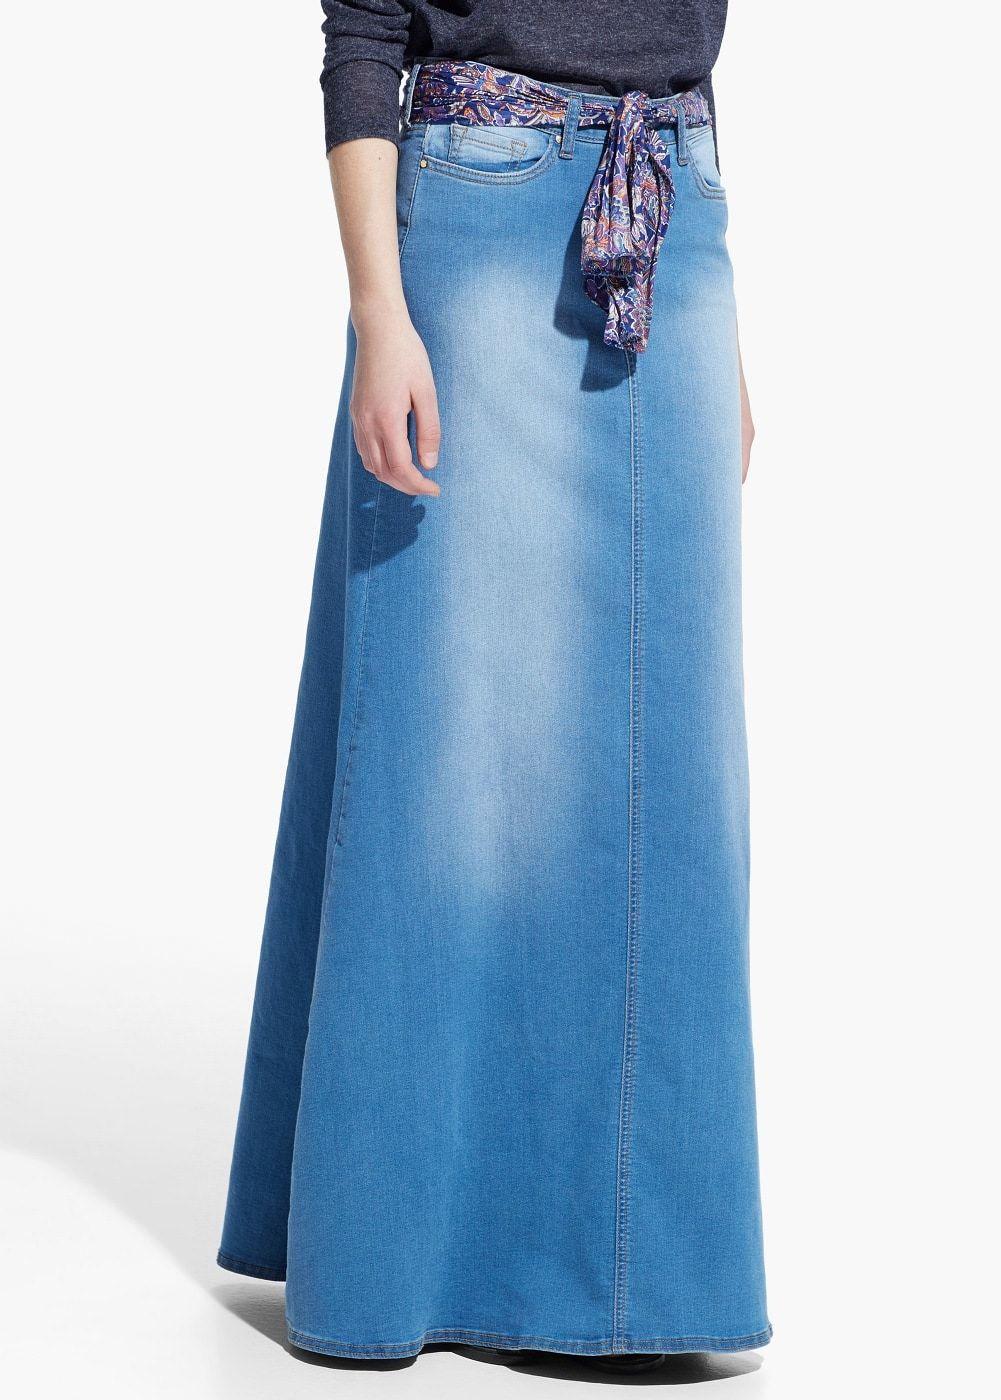 db9927642d7ea Denim long skirt - Woman | Denim Skirts | Skirts, Long skirts for ...